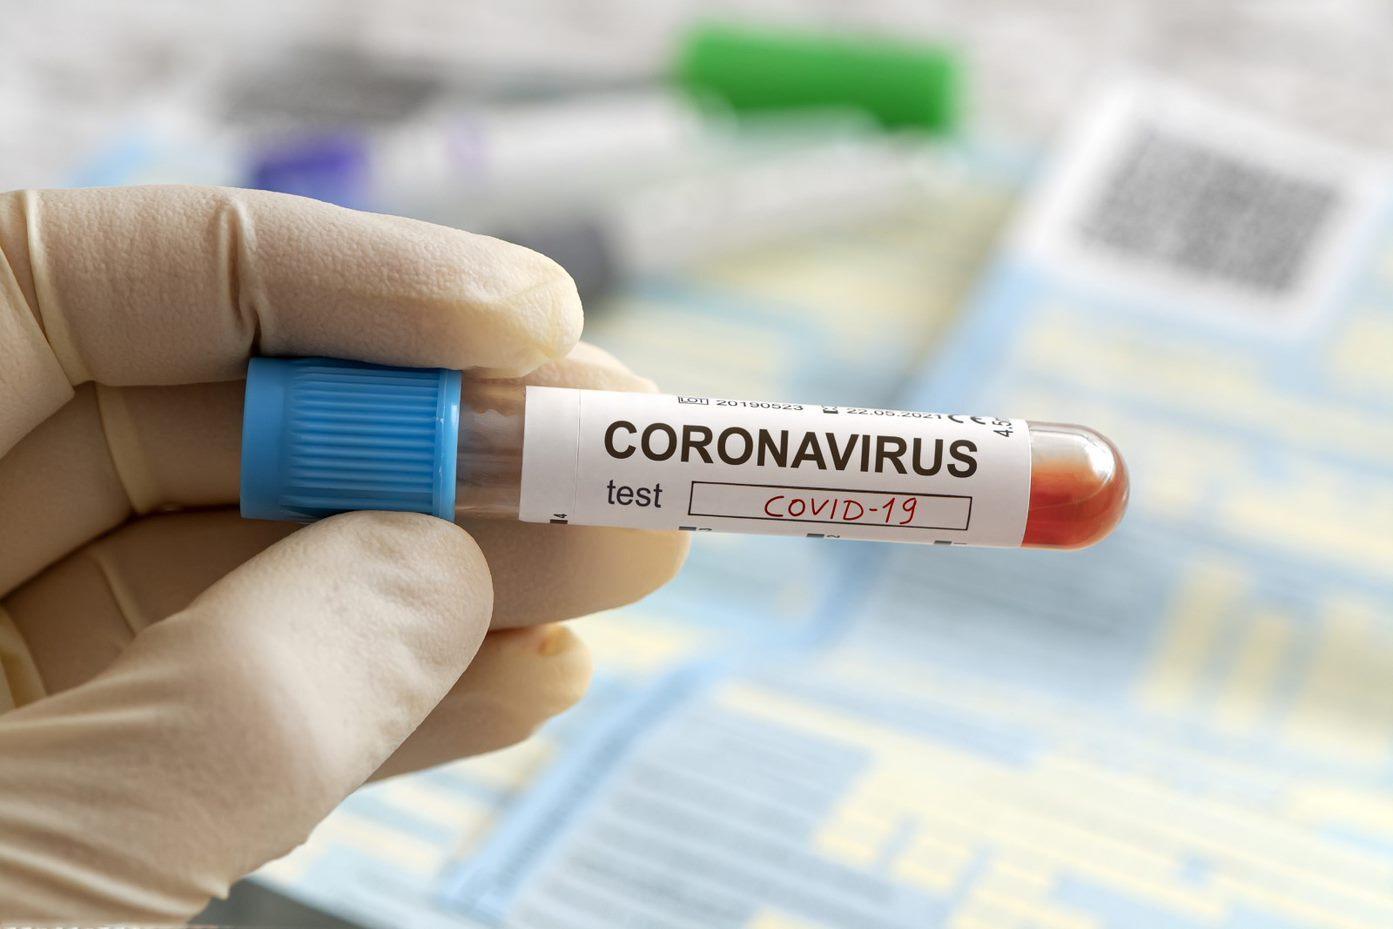 Zero new COVID-19 cases reported in AHS North zone